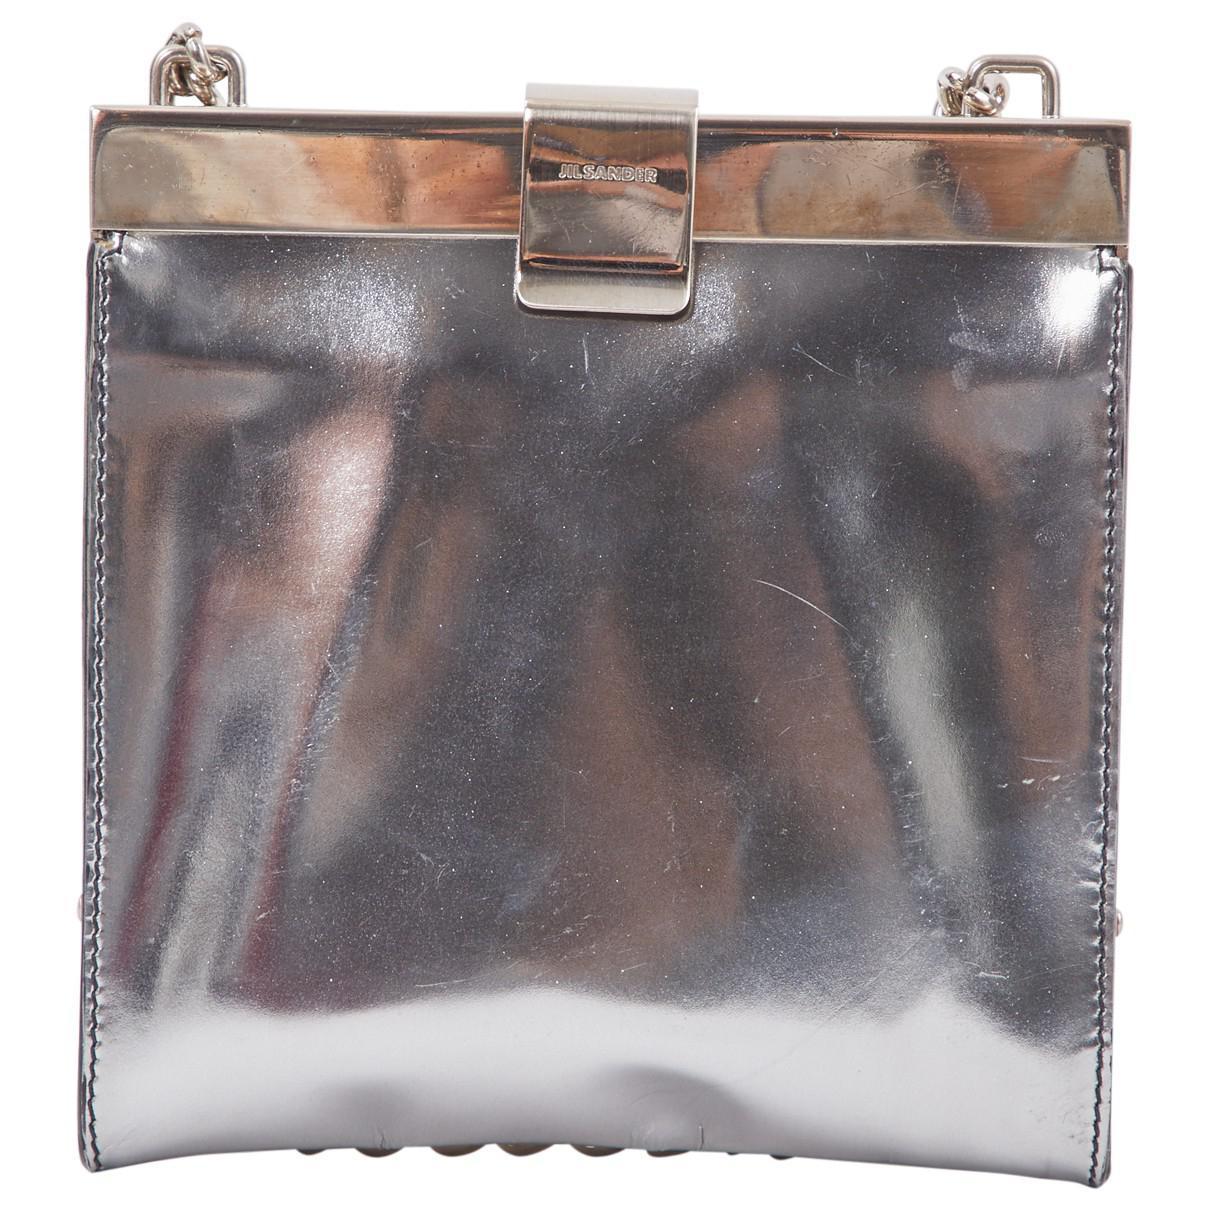 Jil Sander Pre-owned - Leather clutch bag Us17osJL7P